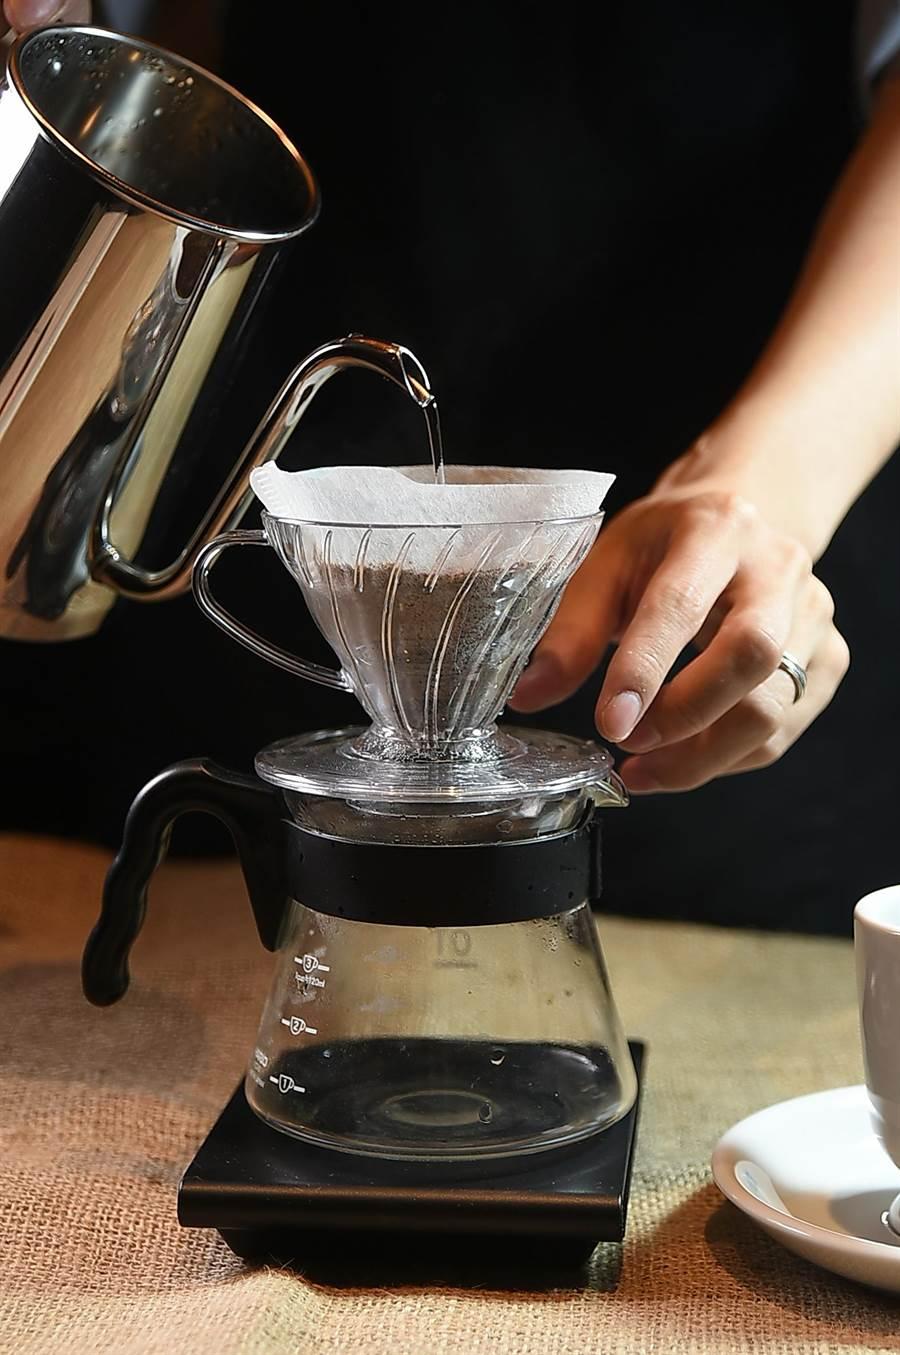 〈星乃咖啡店〉的咖啡標榜現點現磨,且杯杯手沖。(圖/姚舜)